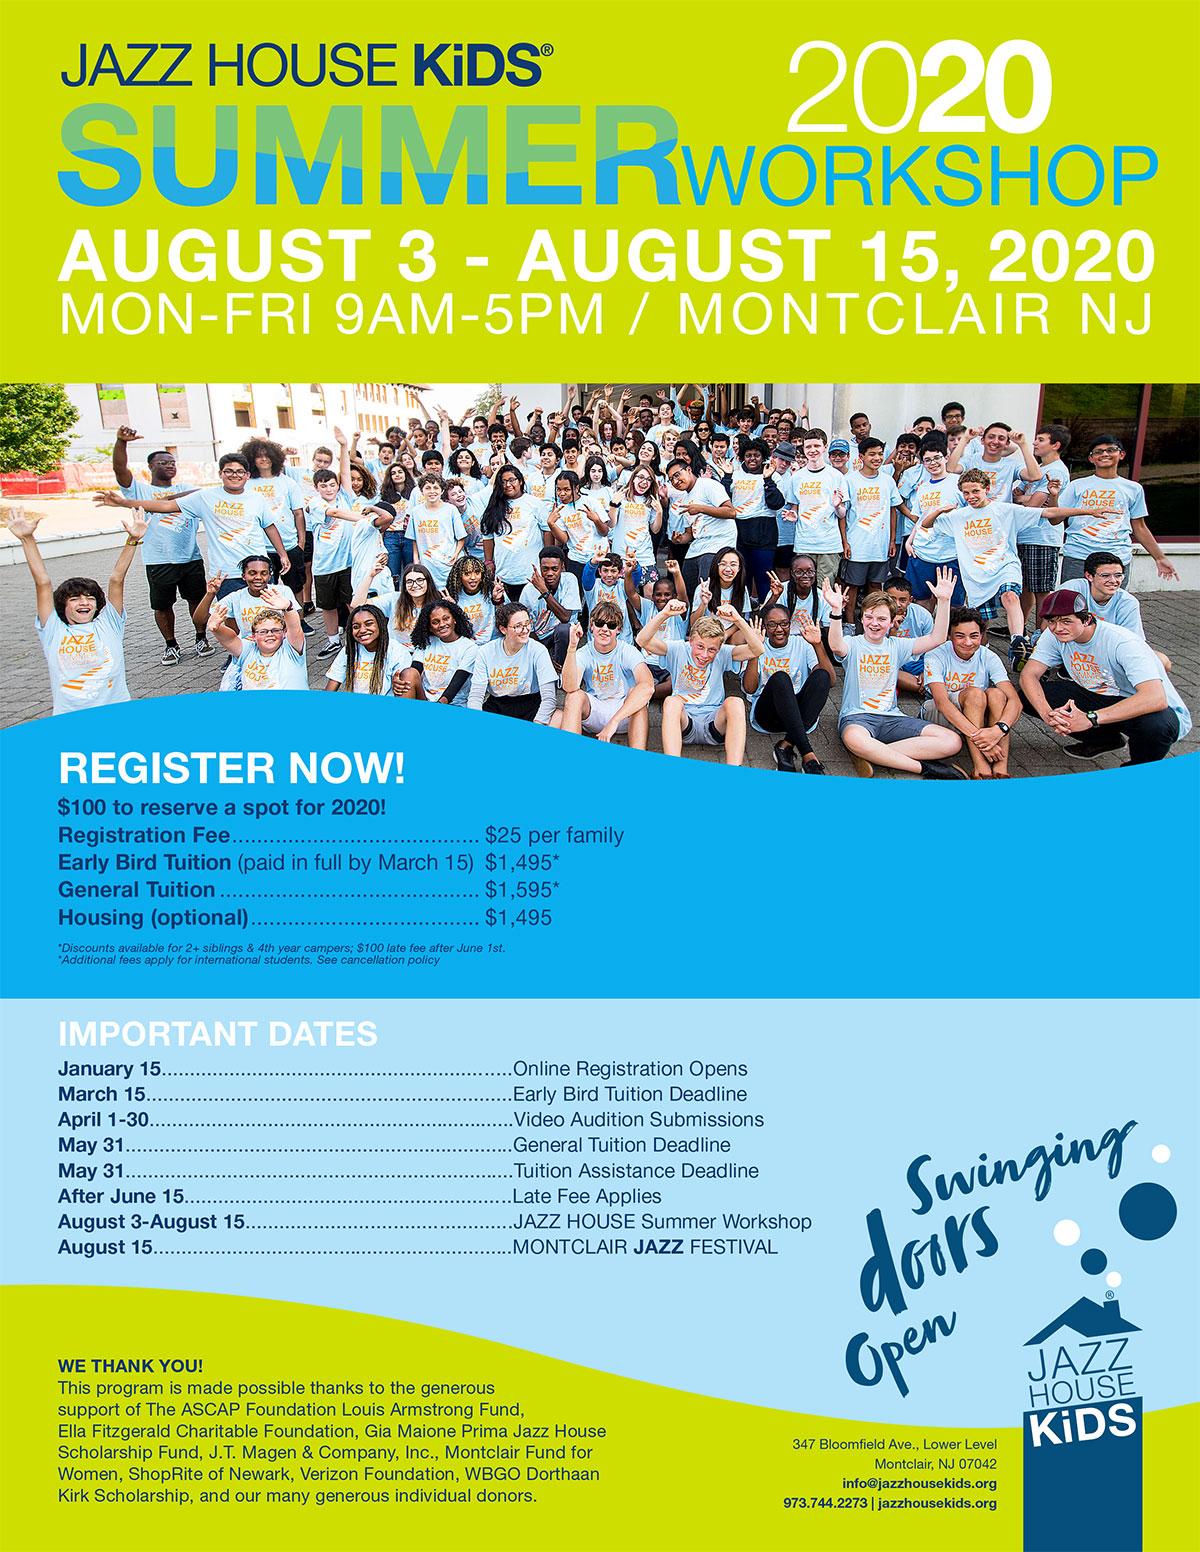 JAZZ HOUSE KiDS Summer Workshop flyer